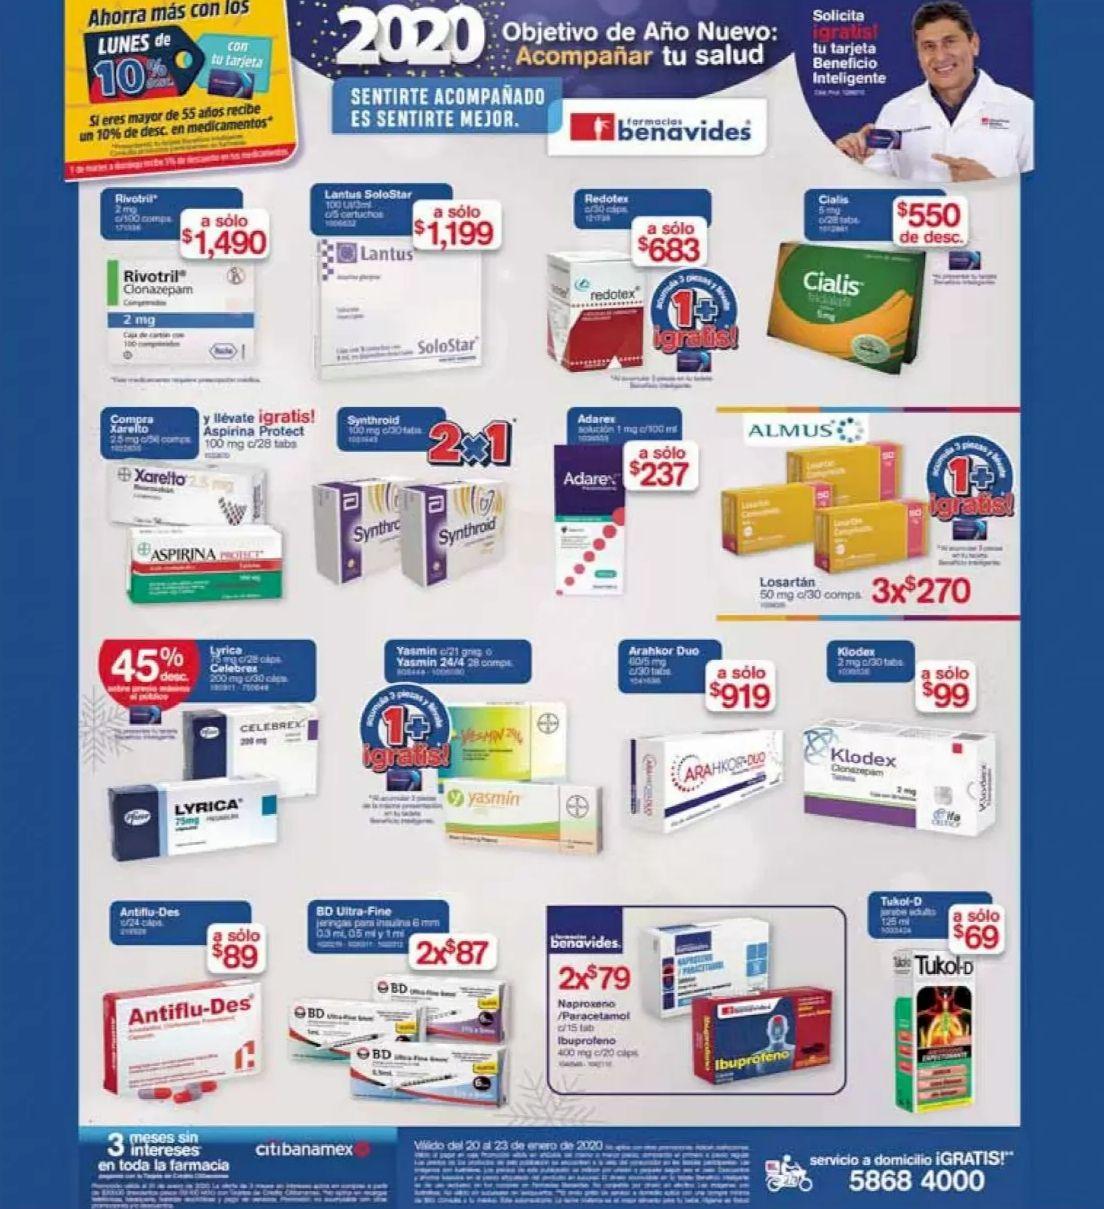 Farmacias Benavides: Ofertas vigentes al Jueves 23 de Enero